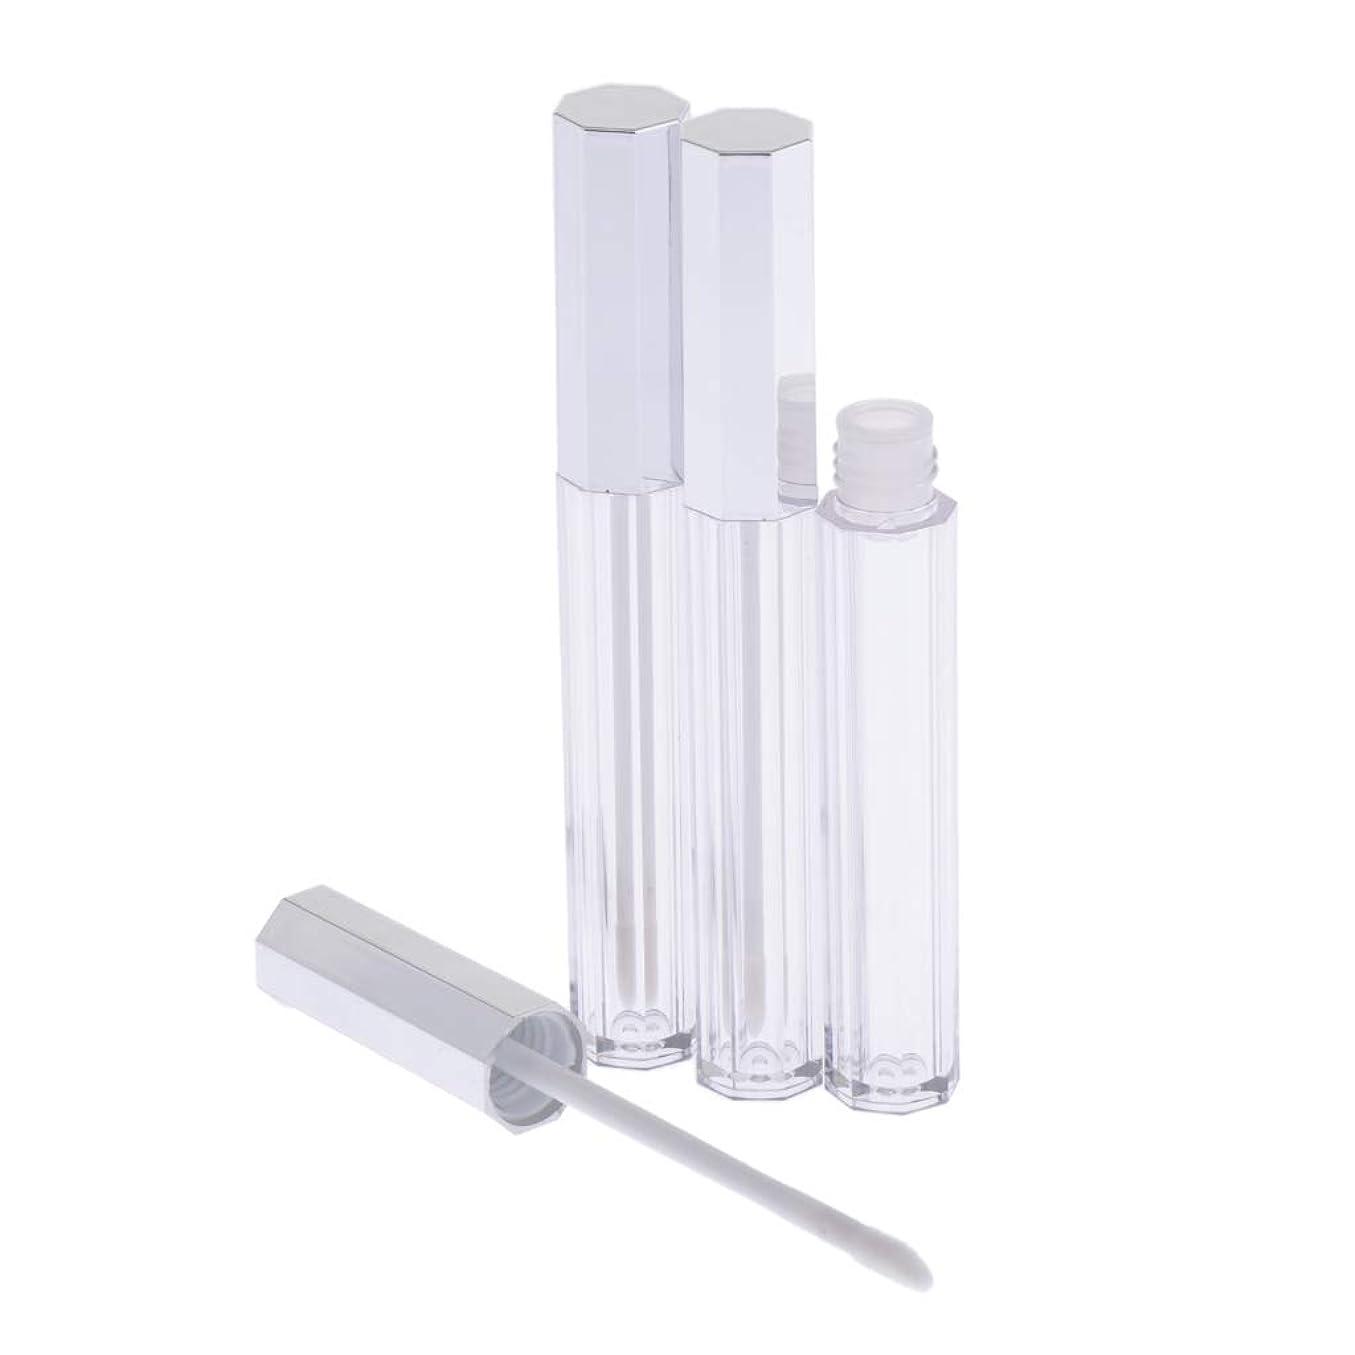 本物のお祝い現実T TOOYFUL リップグロス 容器 チューブ 口紅 容器 空 プラスチック リップグロスボトル 5ml 3個セット